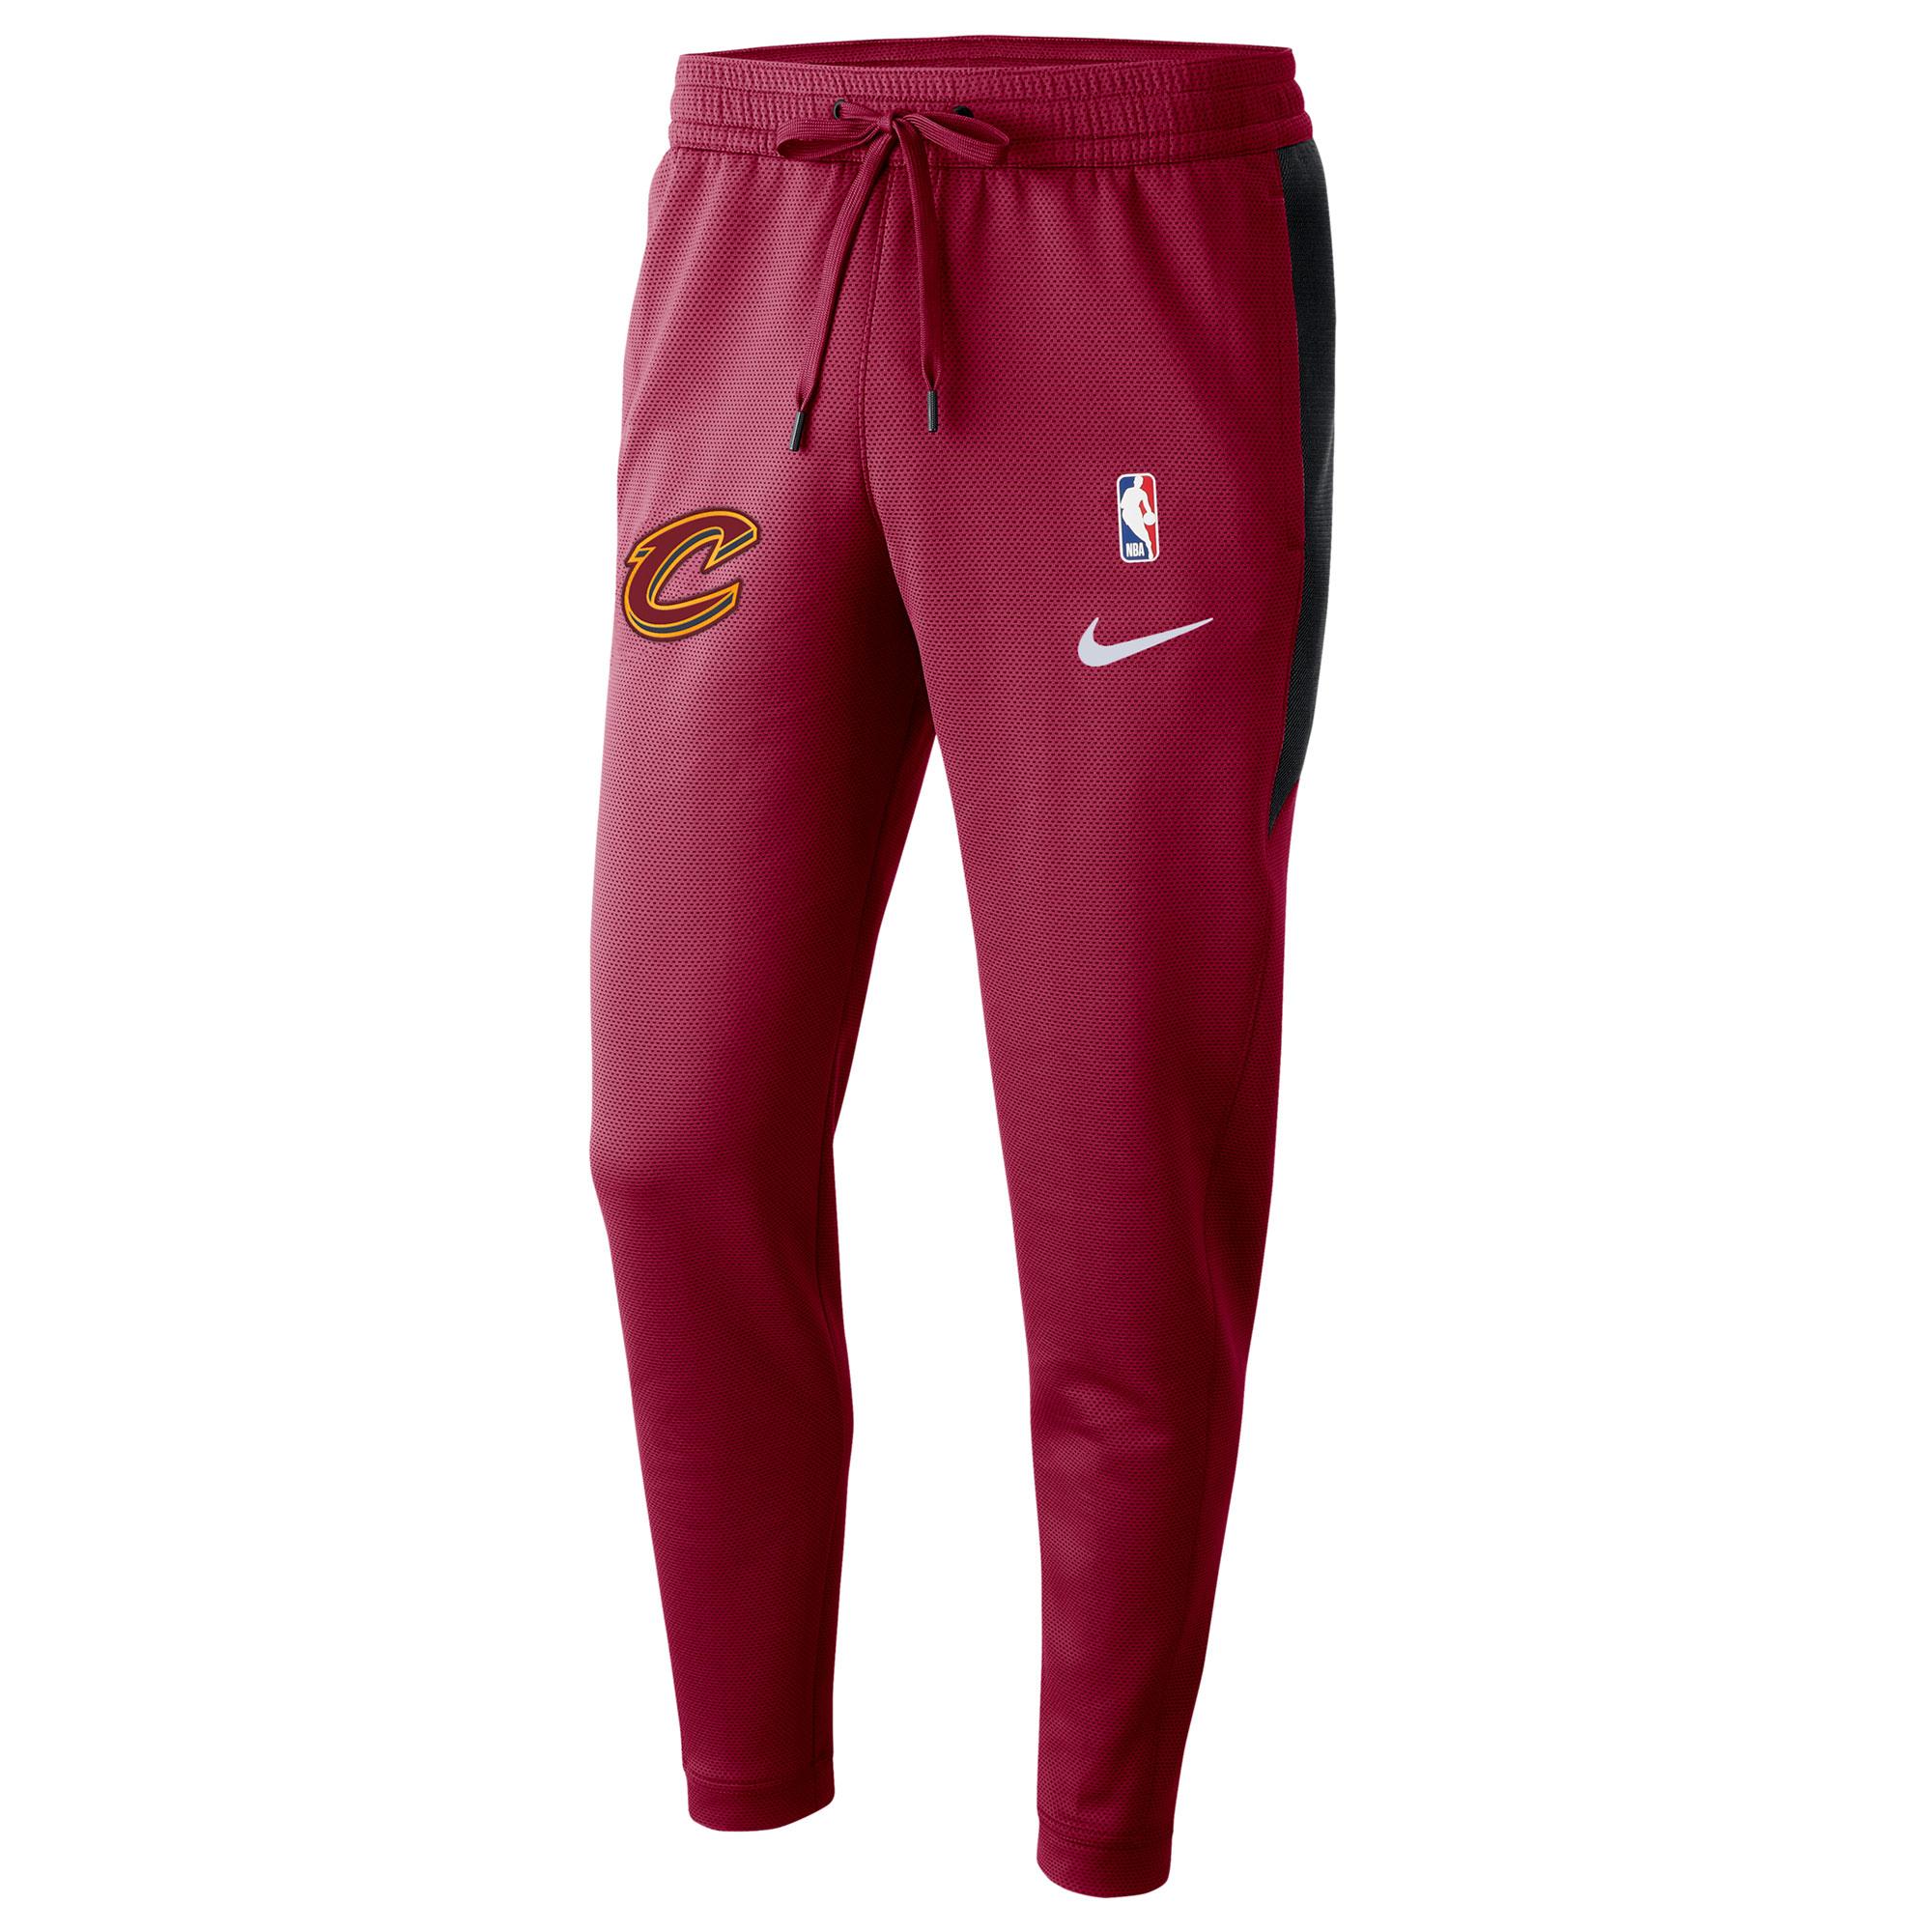 Pantalón Nike Thermaflex Showtime de los Cleveland Cavaliers en el color rojo del equipo para hombre